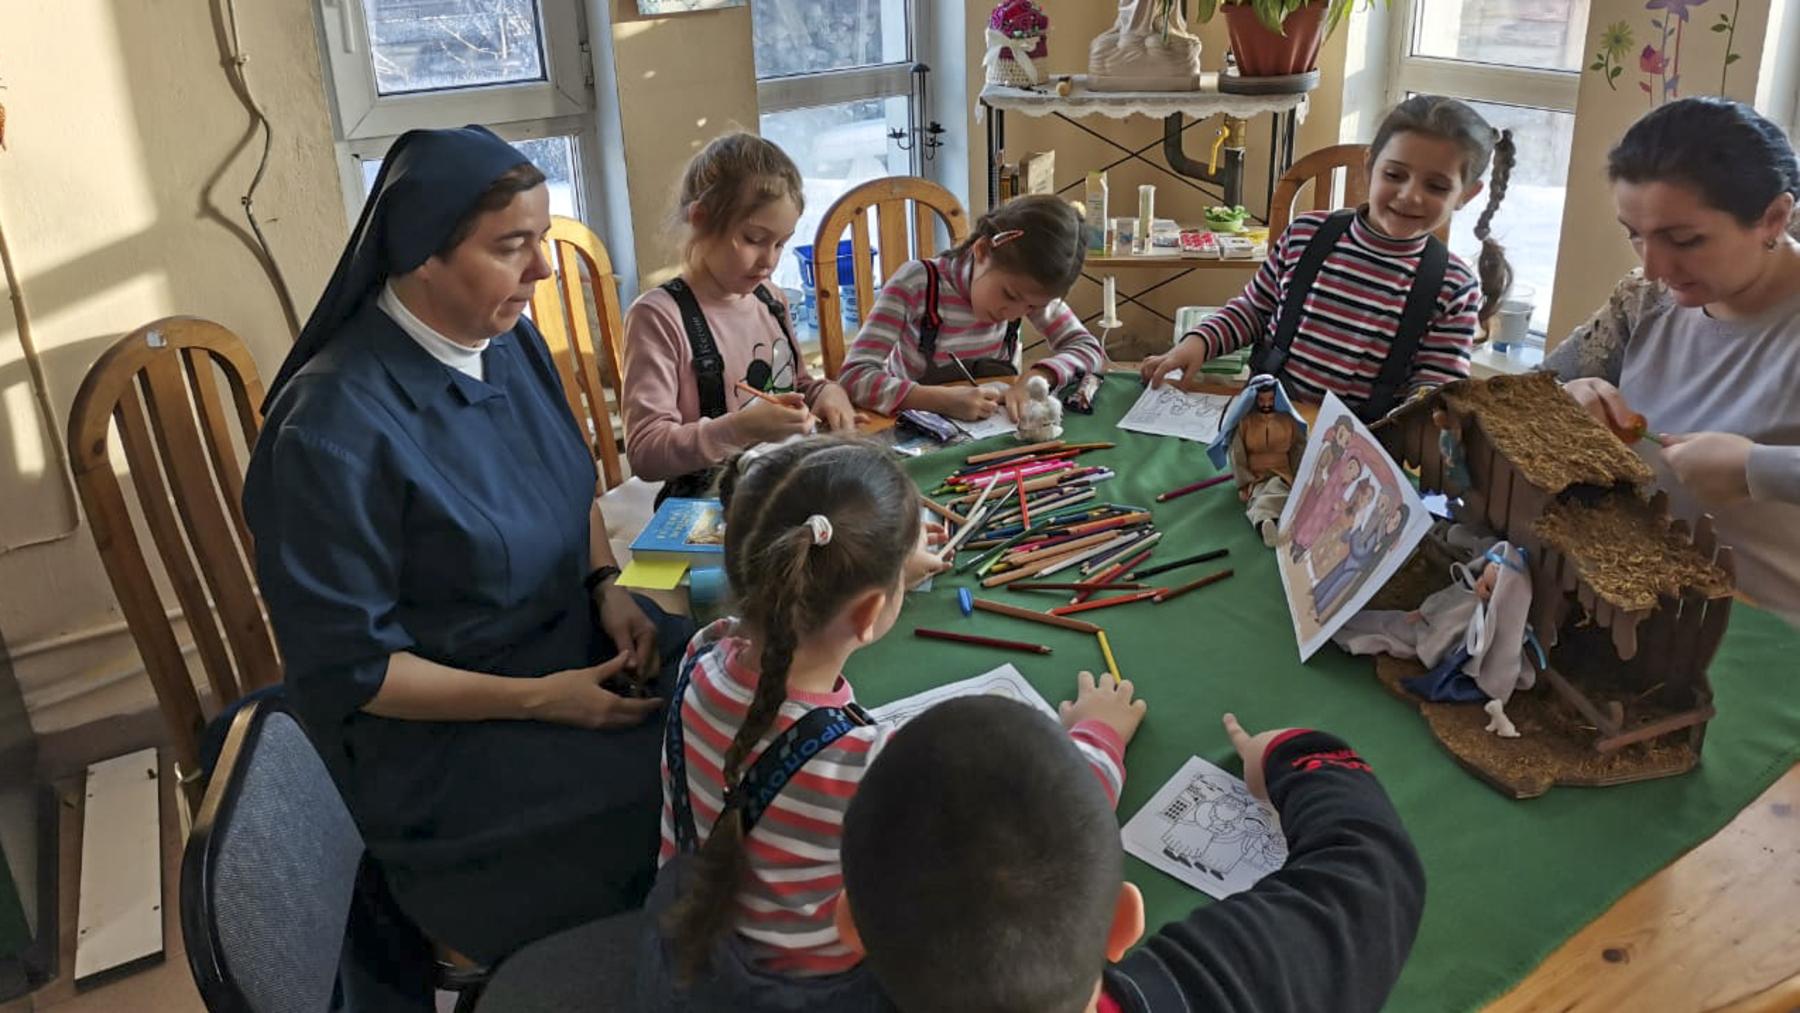 Apprendre et grandir : Des livrets éducatifs pour des enfants en Russie